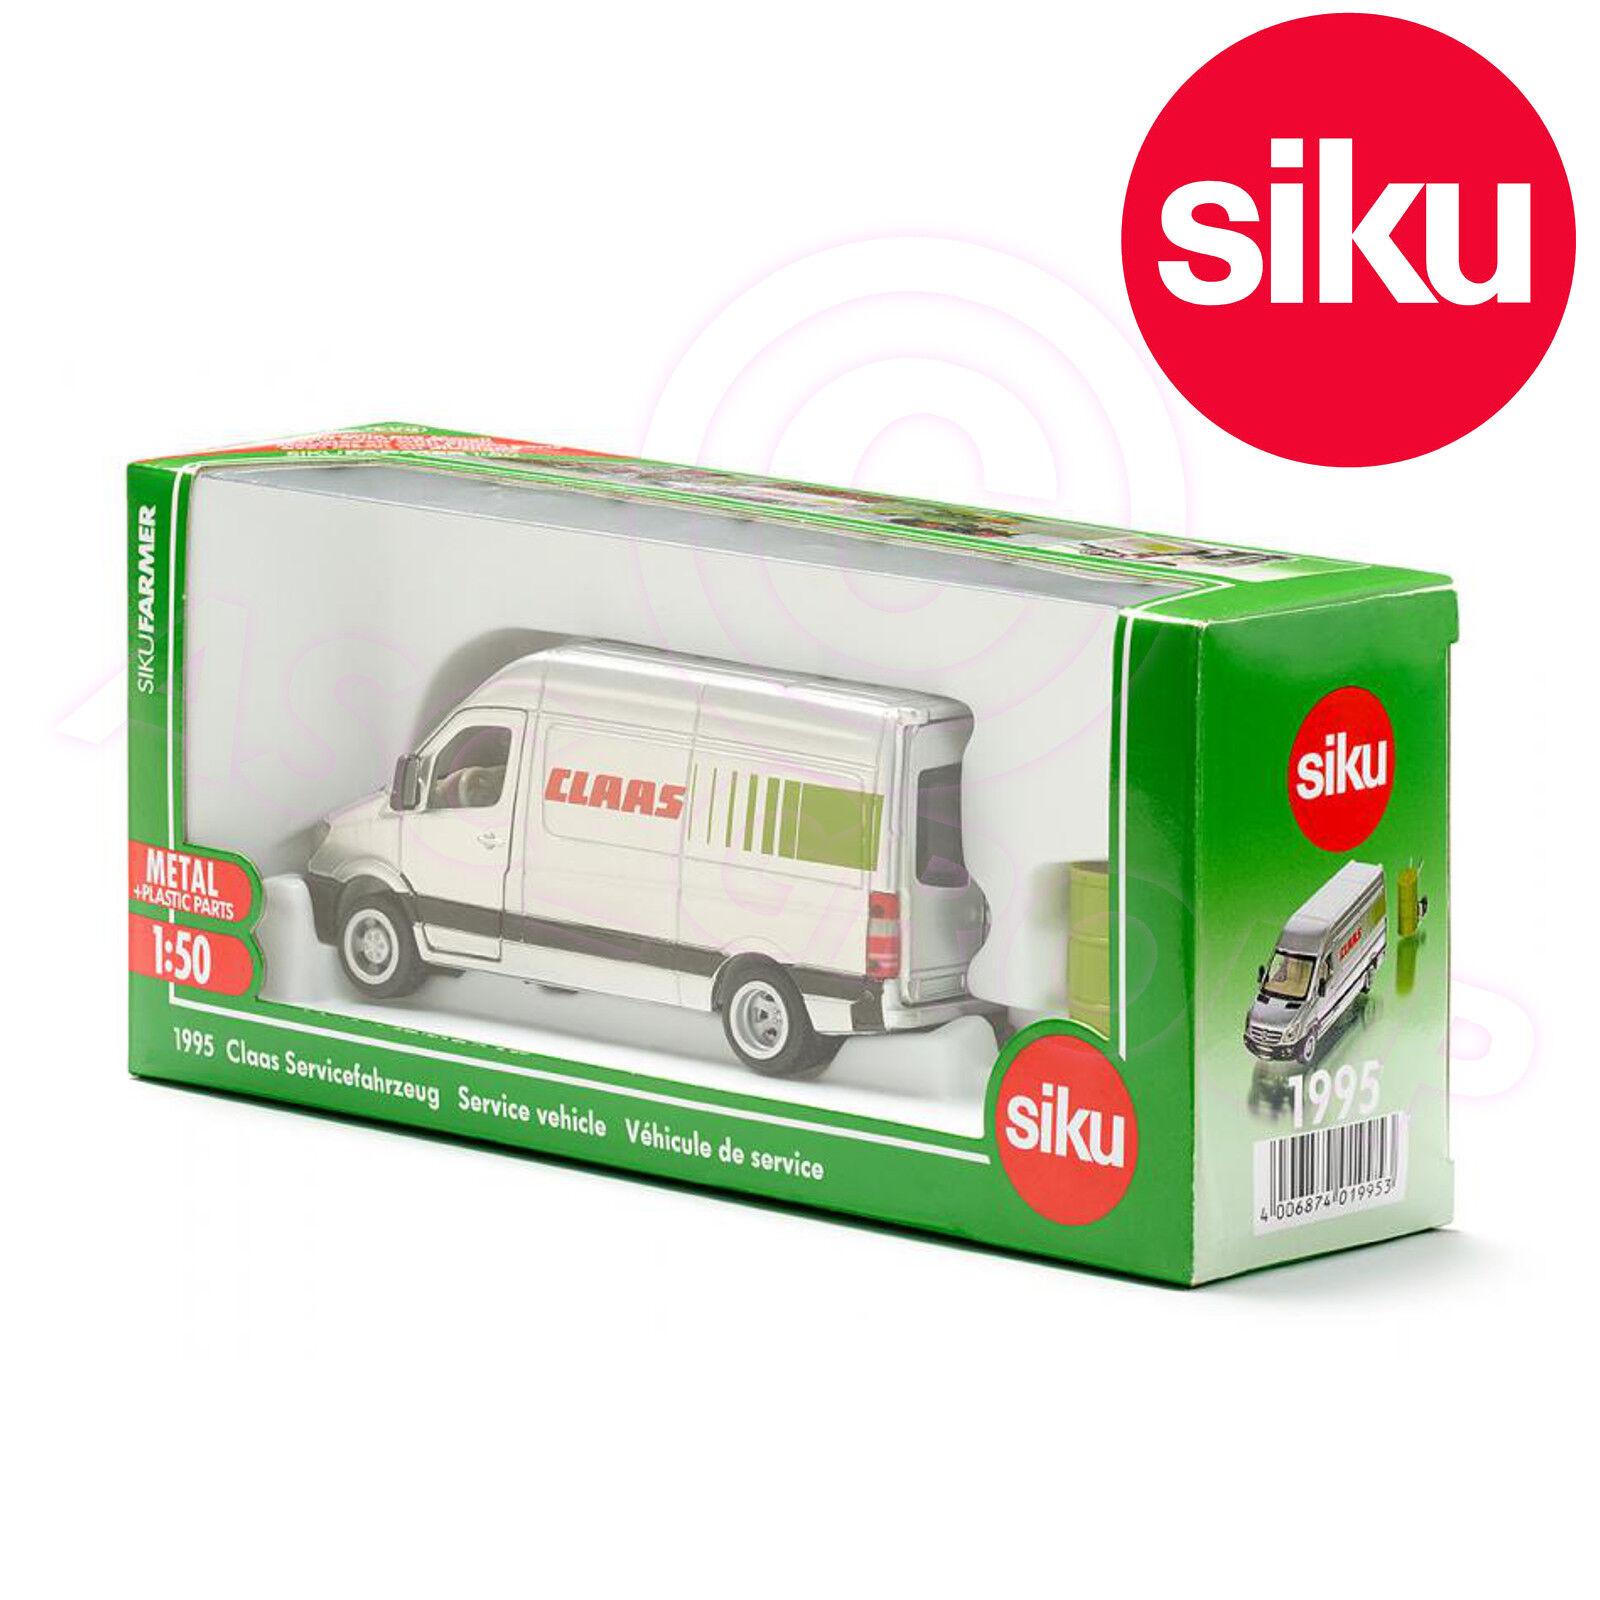 Siku 1995 1995 1995 Claas Service Fahrzeug Mercedes Sprinter Van Fass Einkaufswagen 1 50 744597